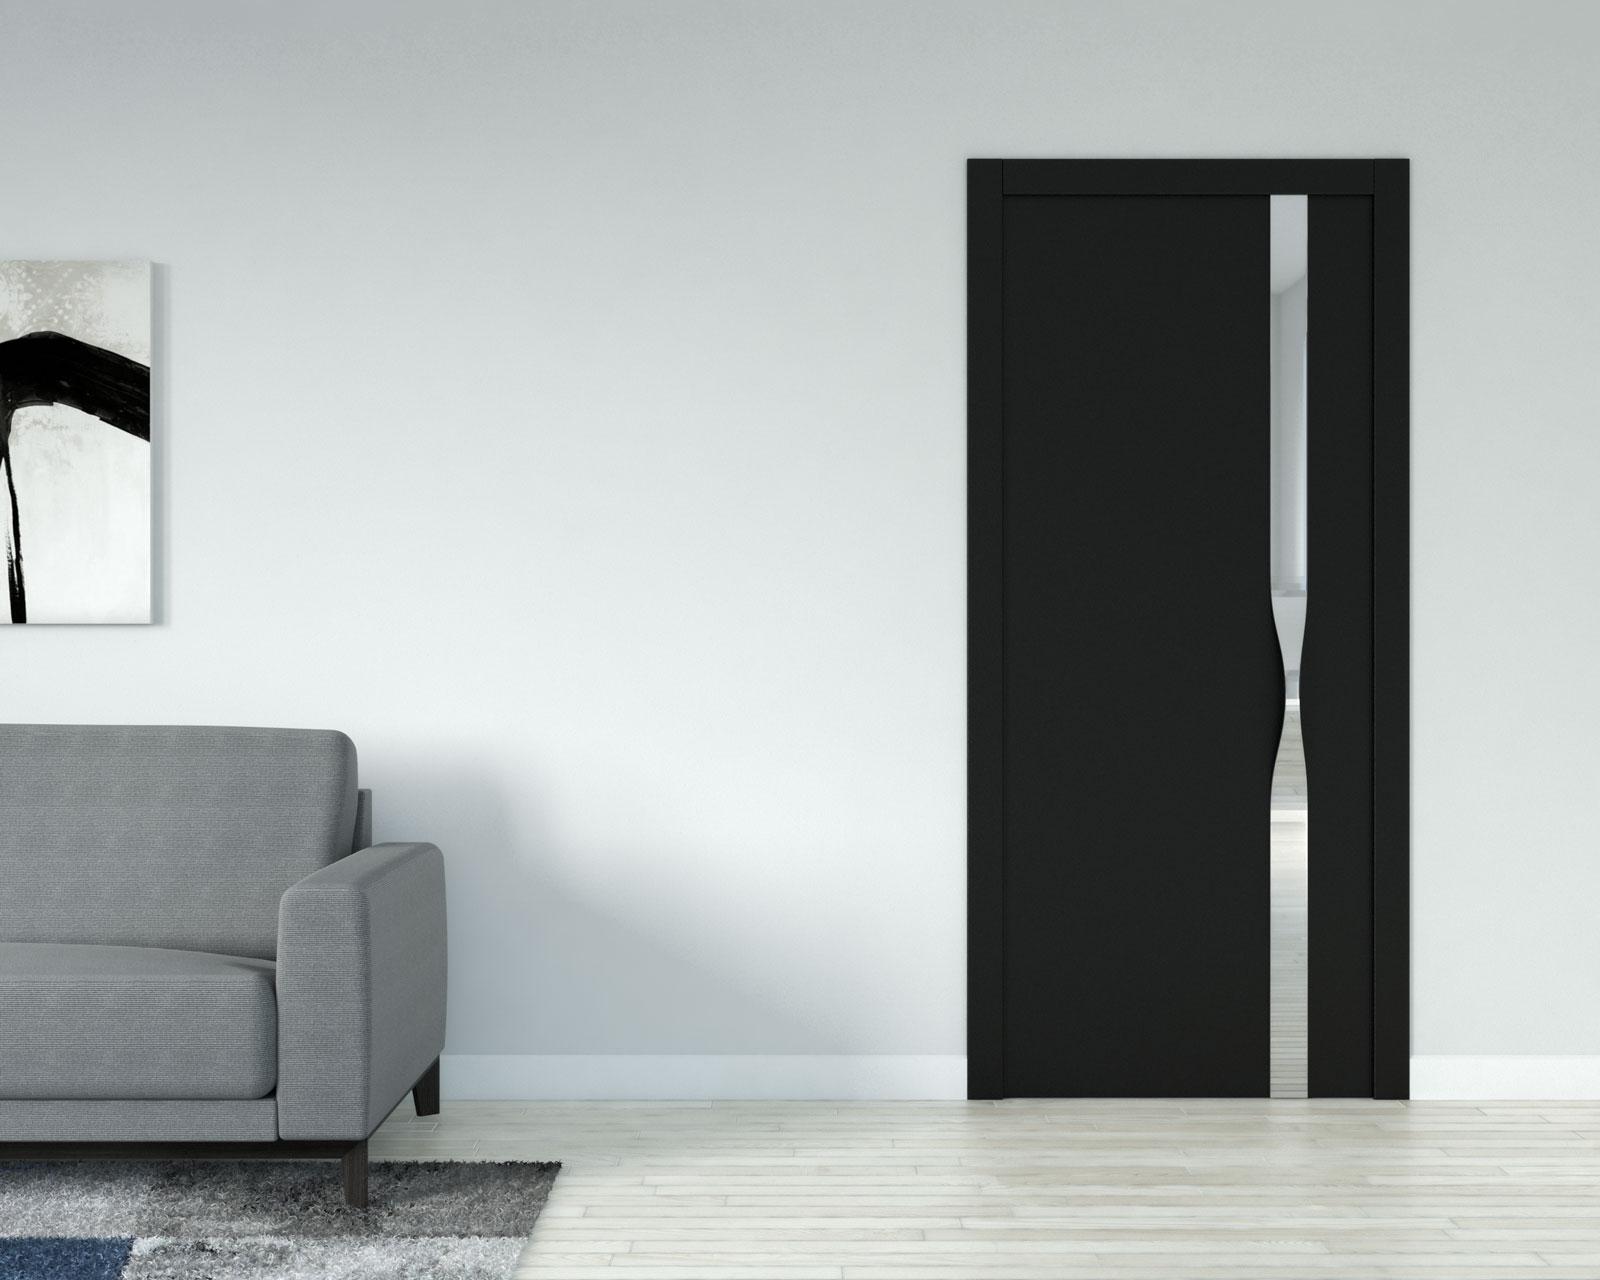 Light gray wall with black door